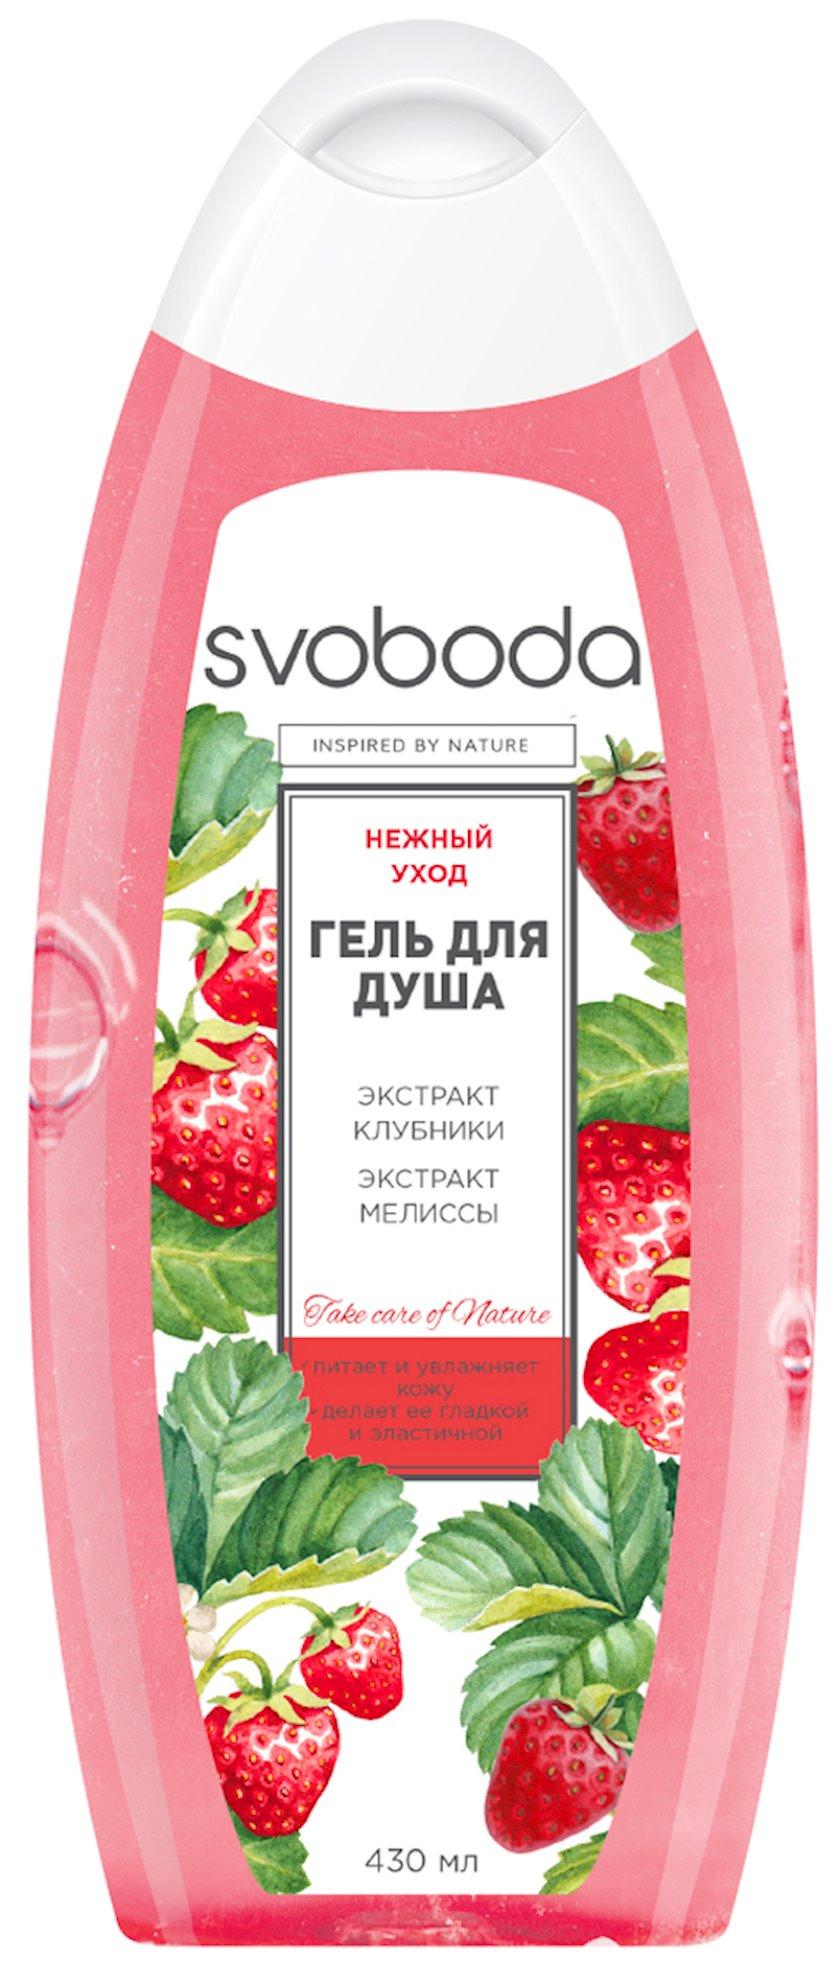 Duş üçün gel Свобода Çiyələk ekstraktı, melissa ekstraktı, 430 ml